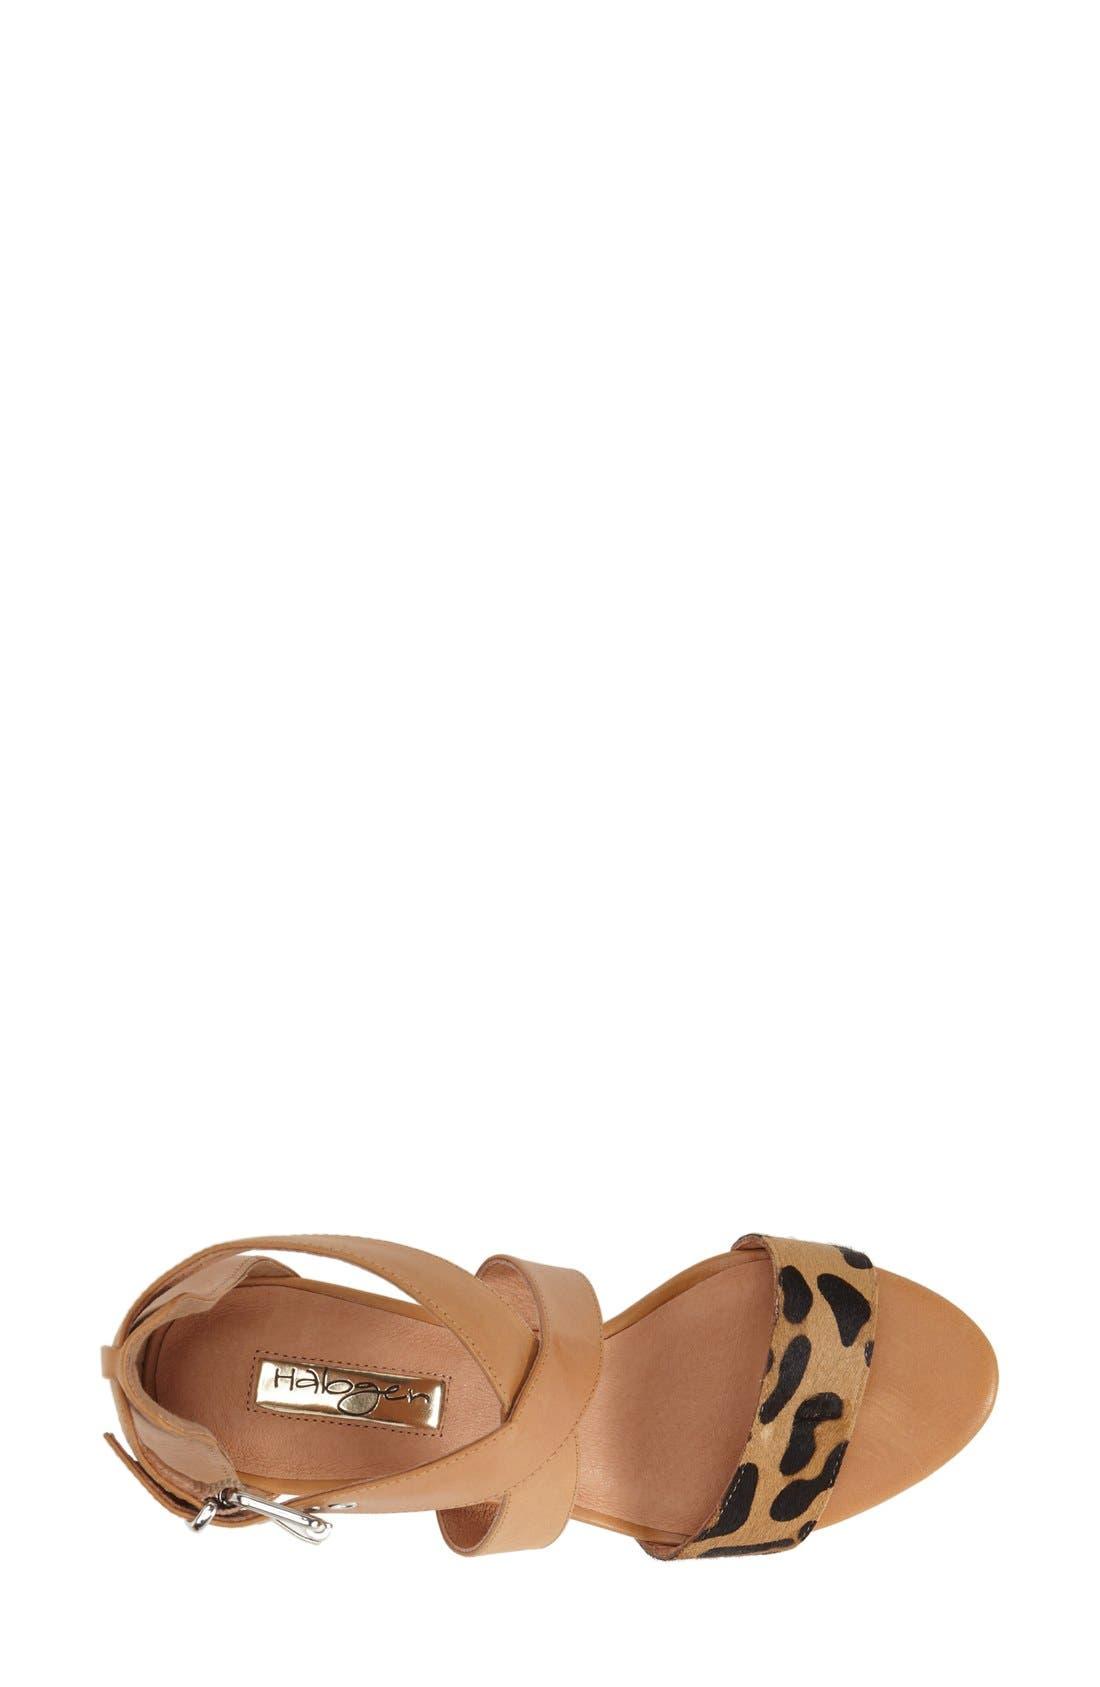 Alternate Image 3  - Halogen 'Rena' Crisscross Strap Sandal (Women)